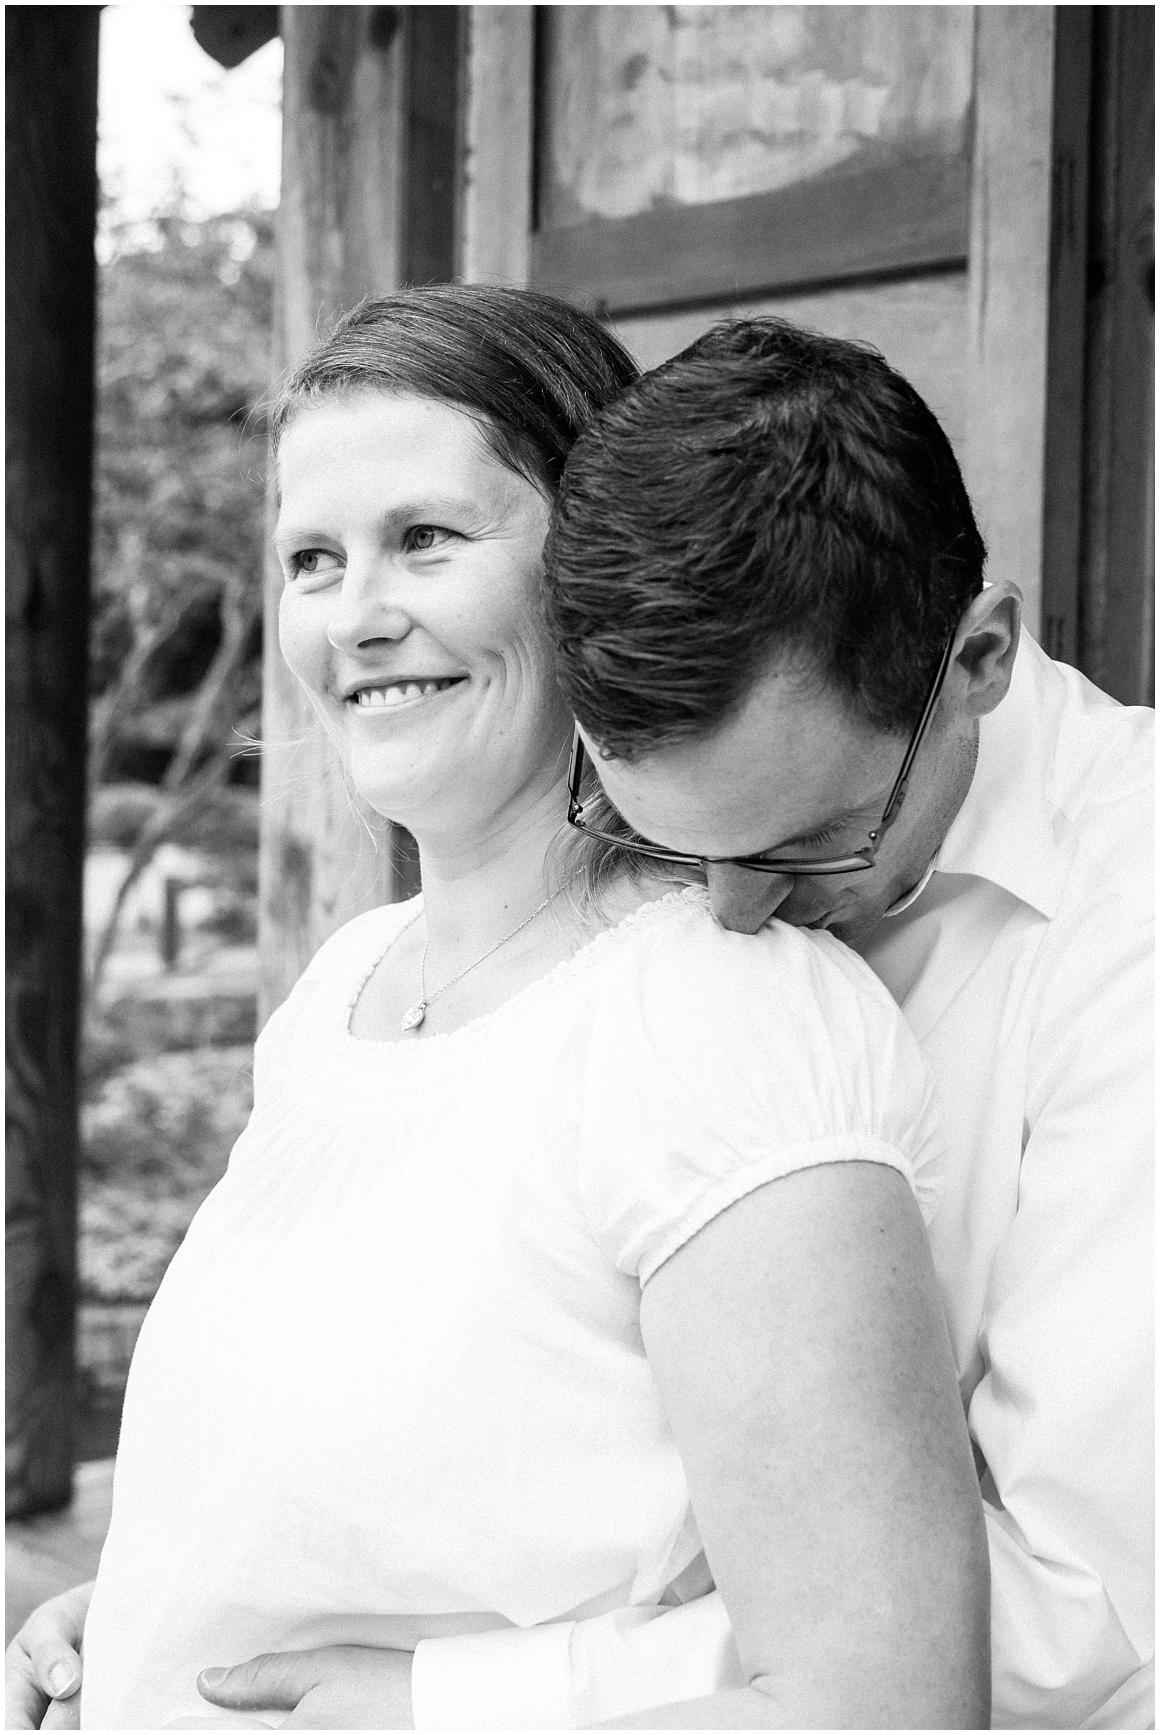 portraitfotos-familie-familienfotograf-familienfotos-familienbilder-münchen-by-katrin-kind-photography_0006.jpg